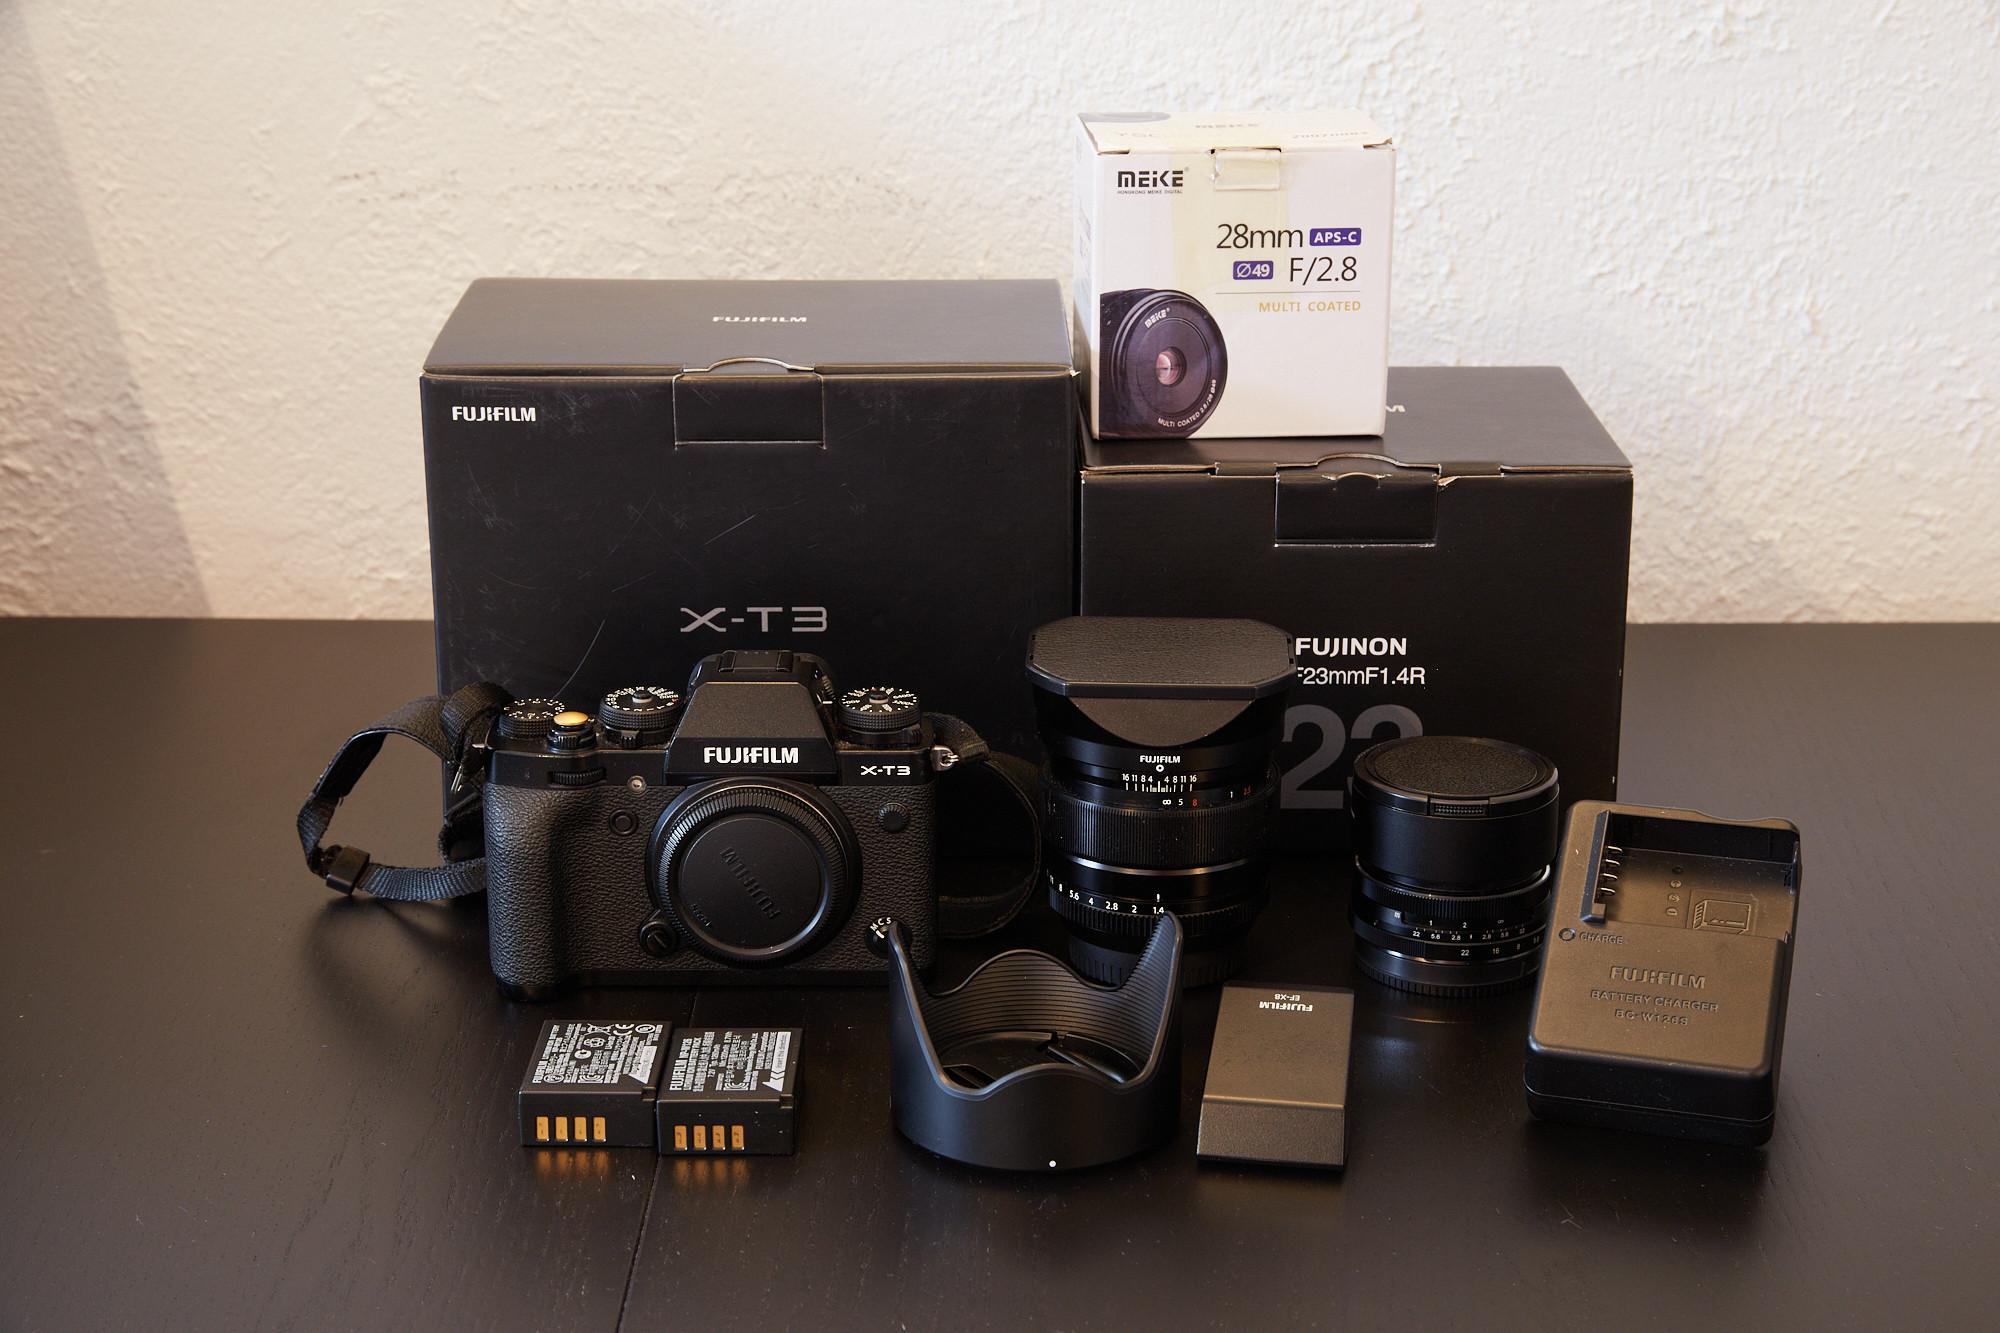 Fuji X-T3 + Fuji 23mm f/1.4 + accesoires